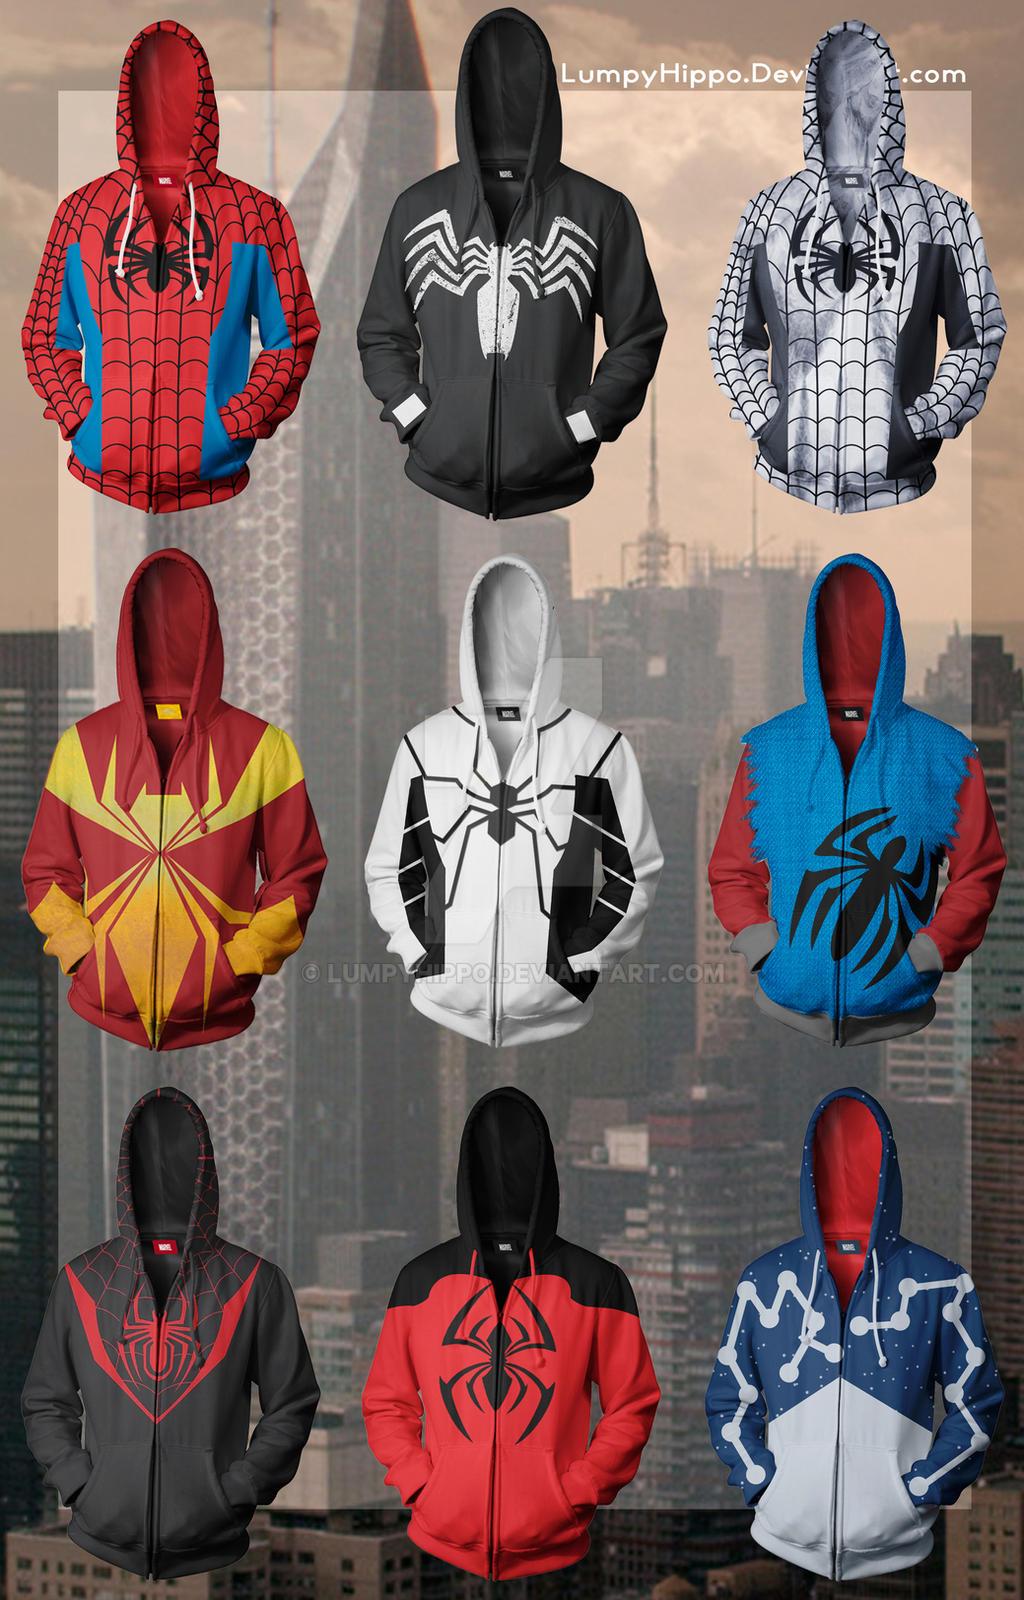 Spider Man Hoodies By Lumpyhippo On DeviantArt